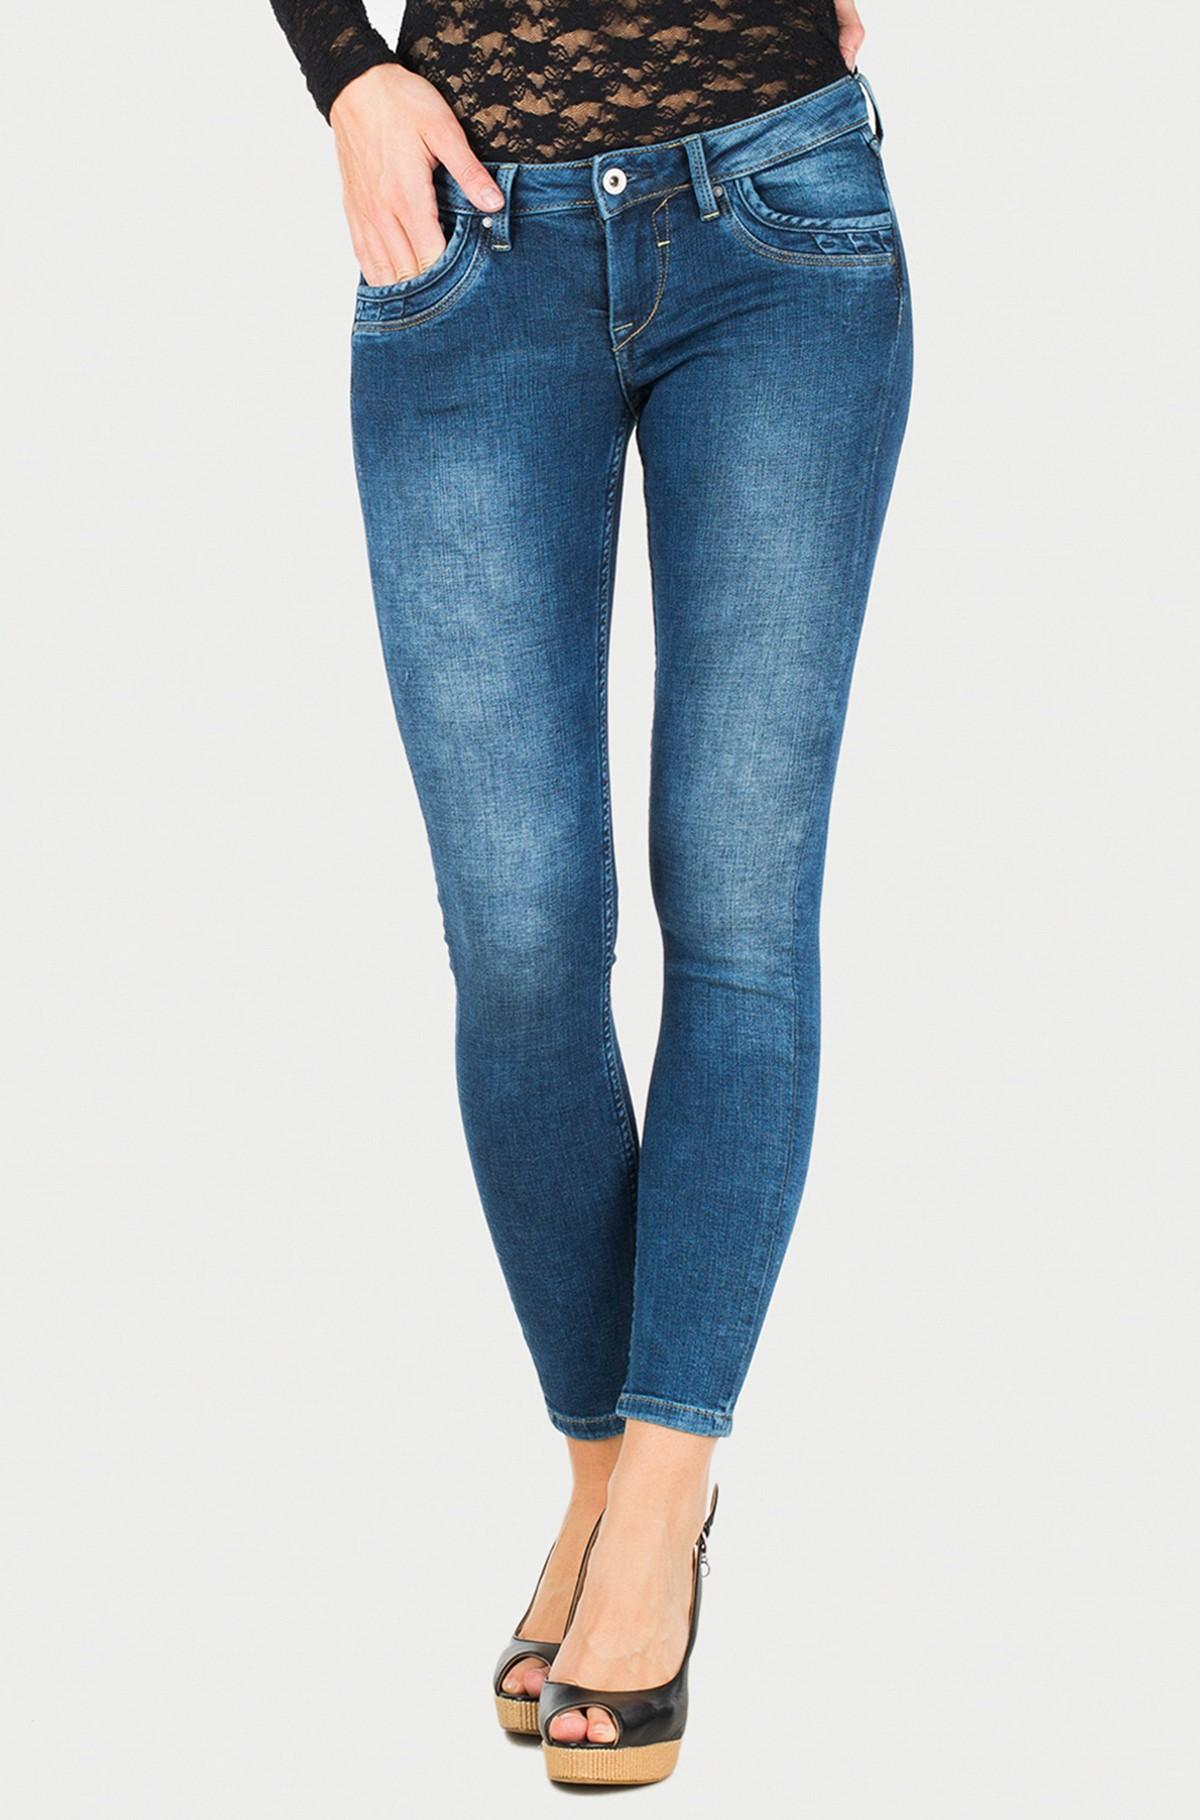 Jeans Ripple-full-1